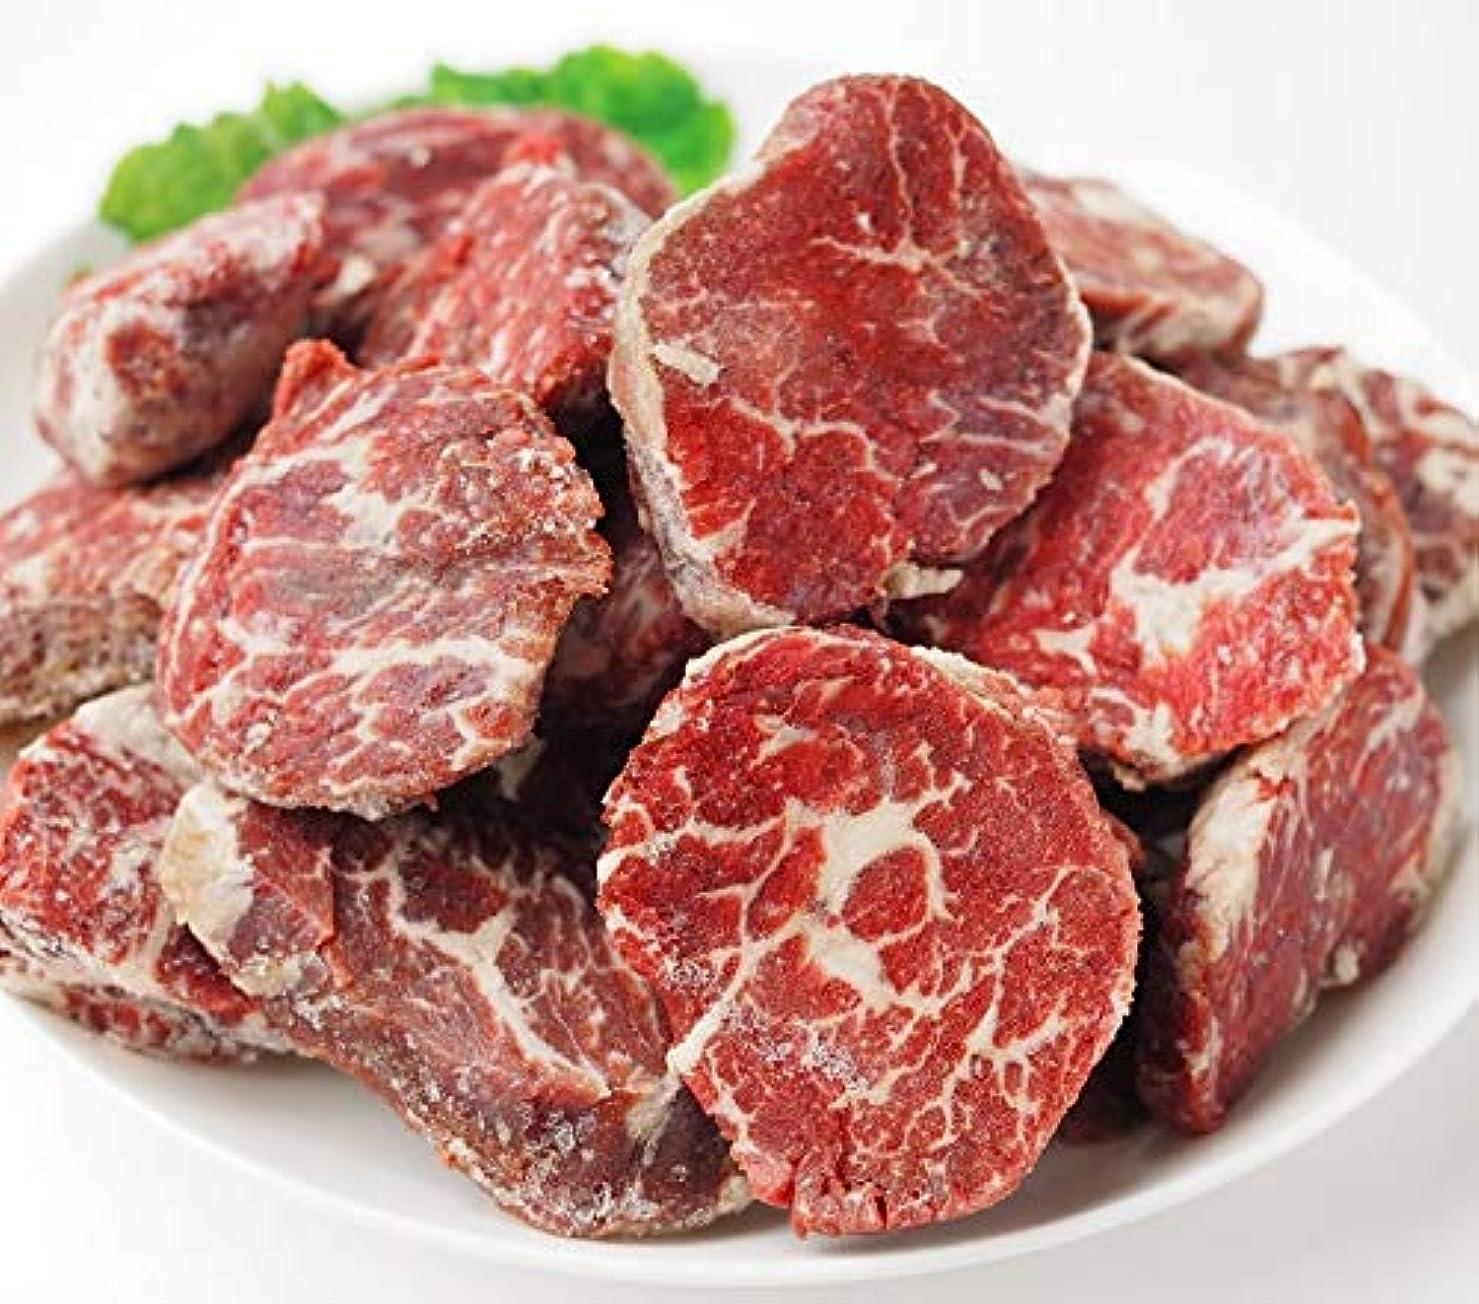 増幅器愛されし者勤勉な[スターゼン] 肉 牛肉 厚切り サガリ 冷凍 カナダ産 牛 スライス 焼肉 バーベキュー 煮込み (1kg)